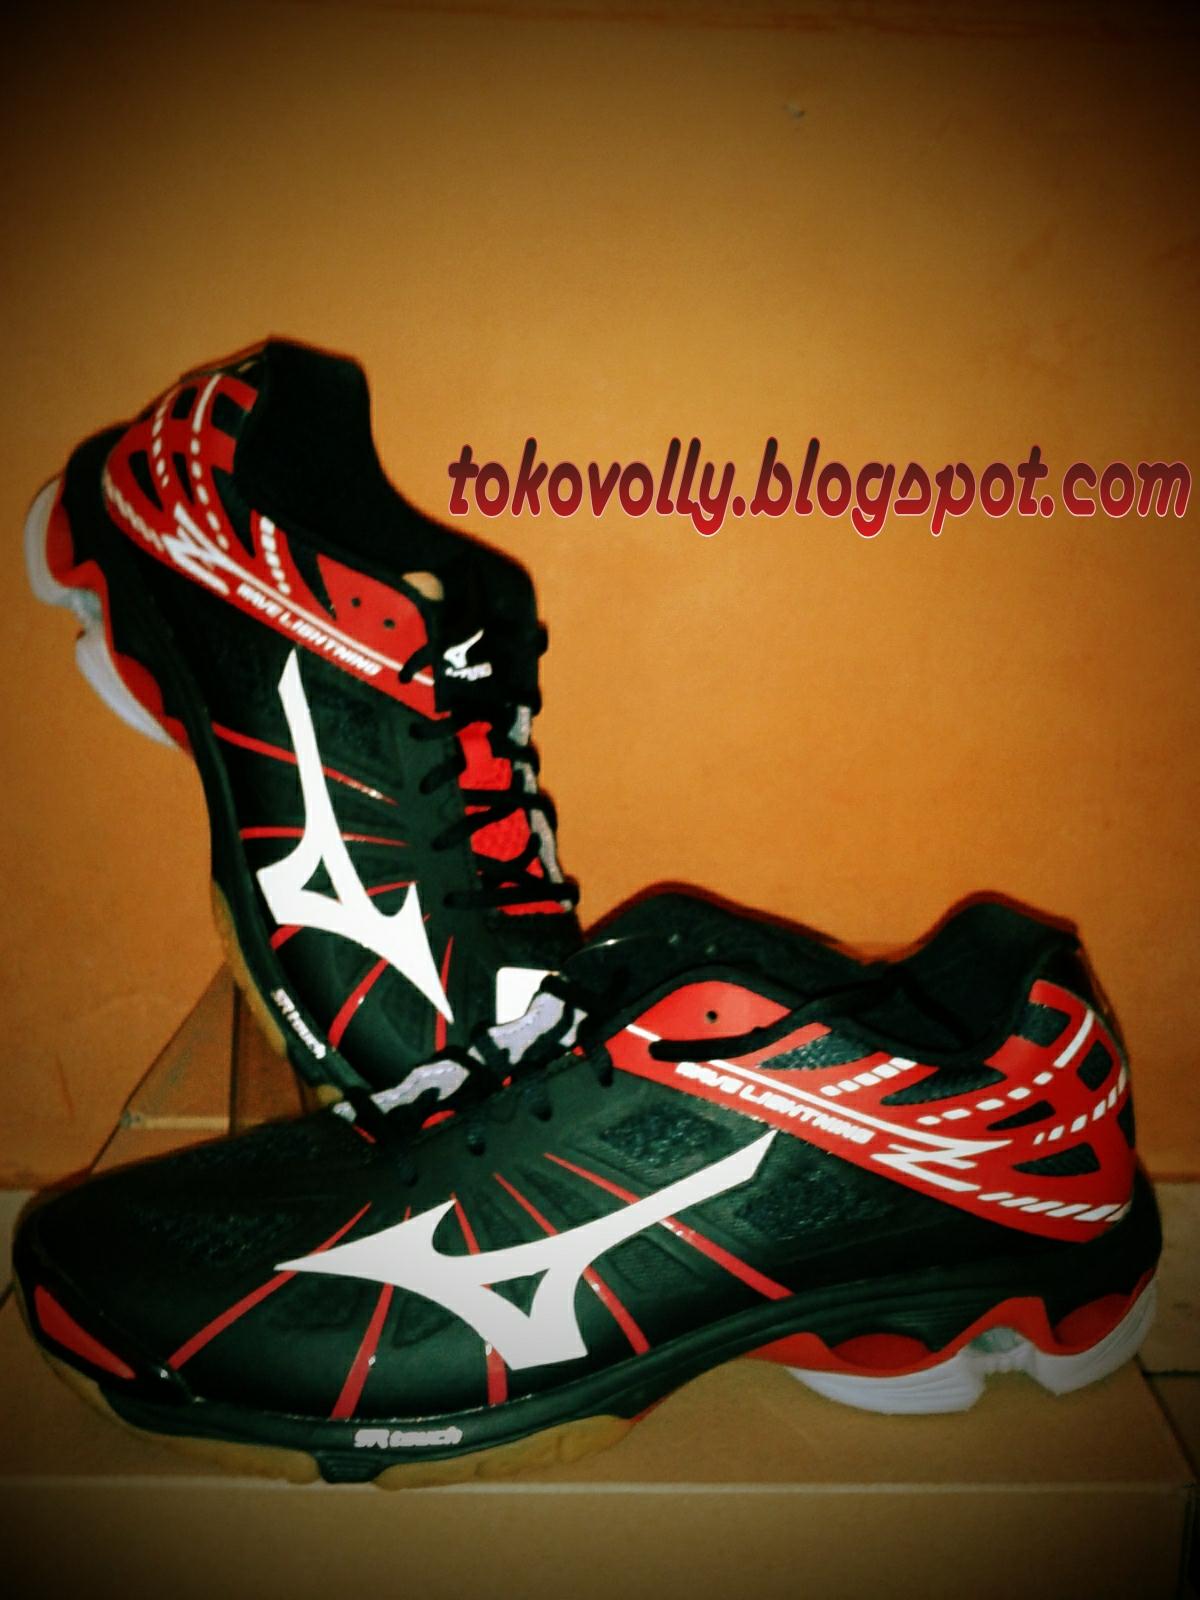 Buy sepatu voli mizuno wave lightning rx - 62% OFF! 61e7650504